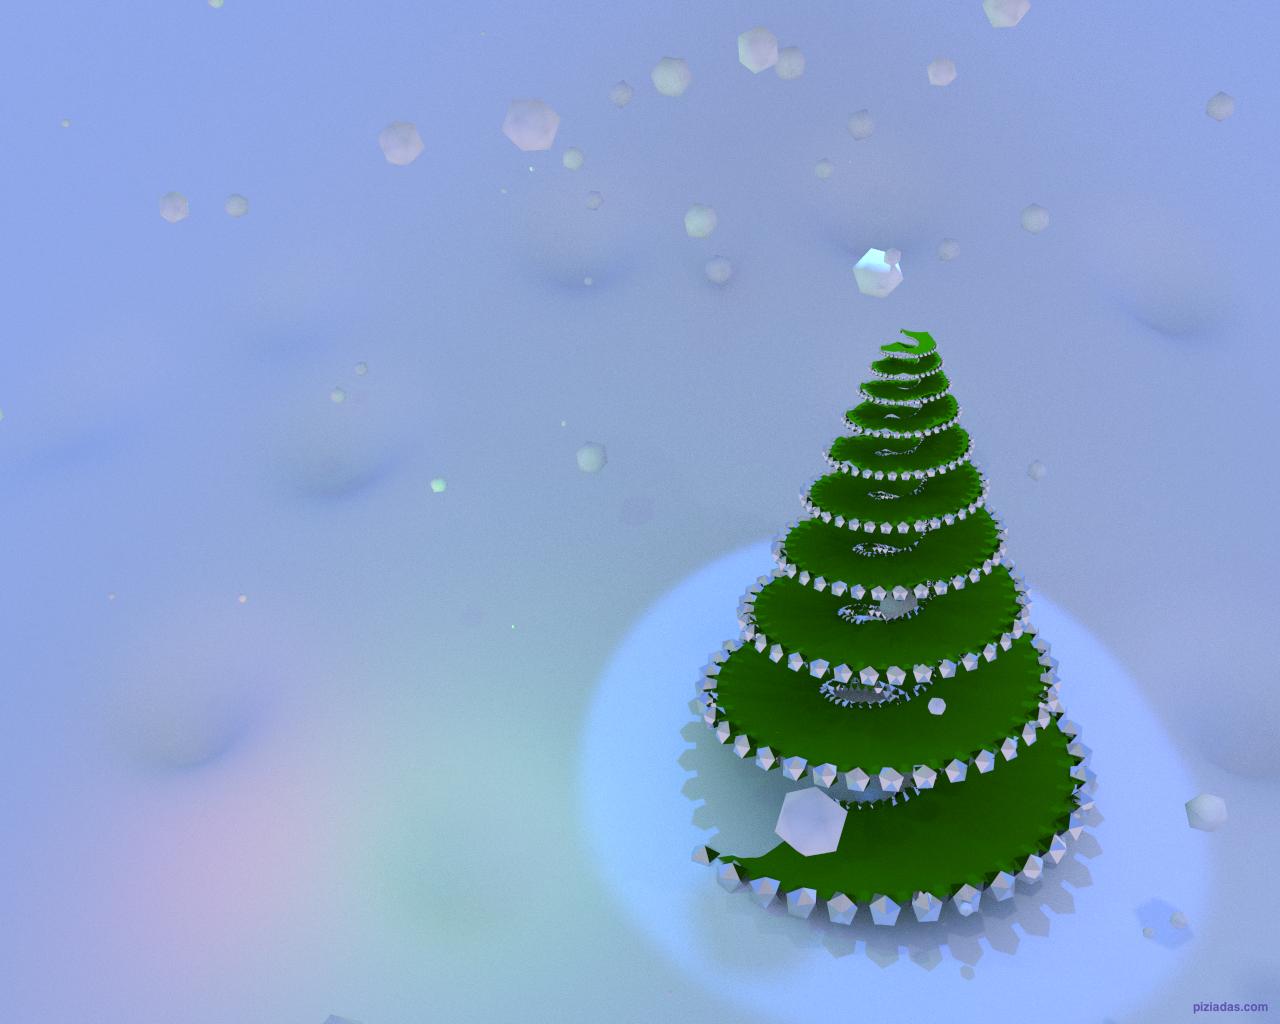 Fondos de escritorio: Navidad 2012 (XXVI) : Árbol de navidad ...